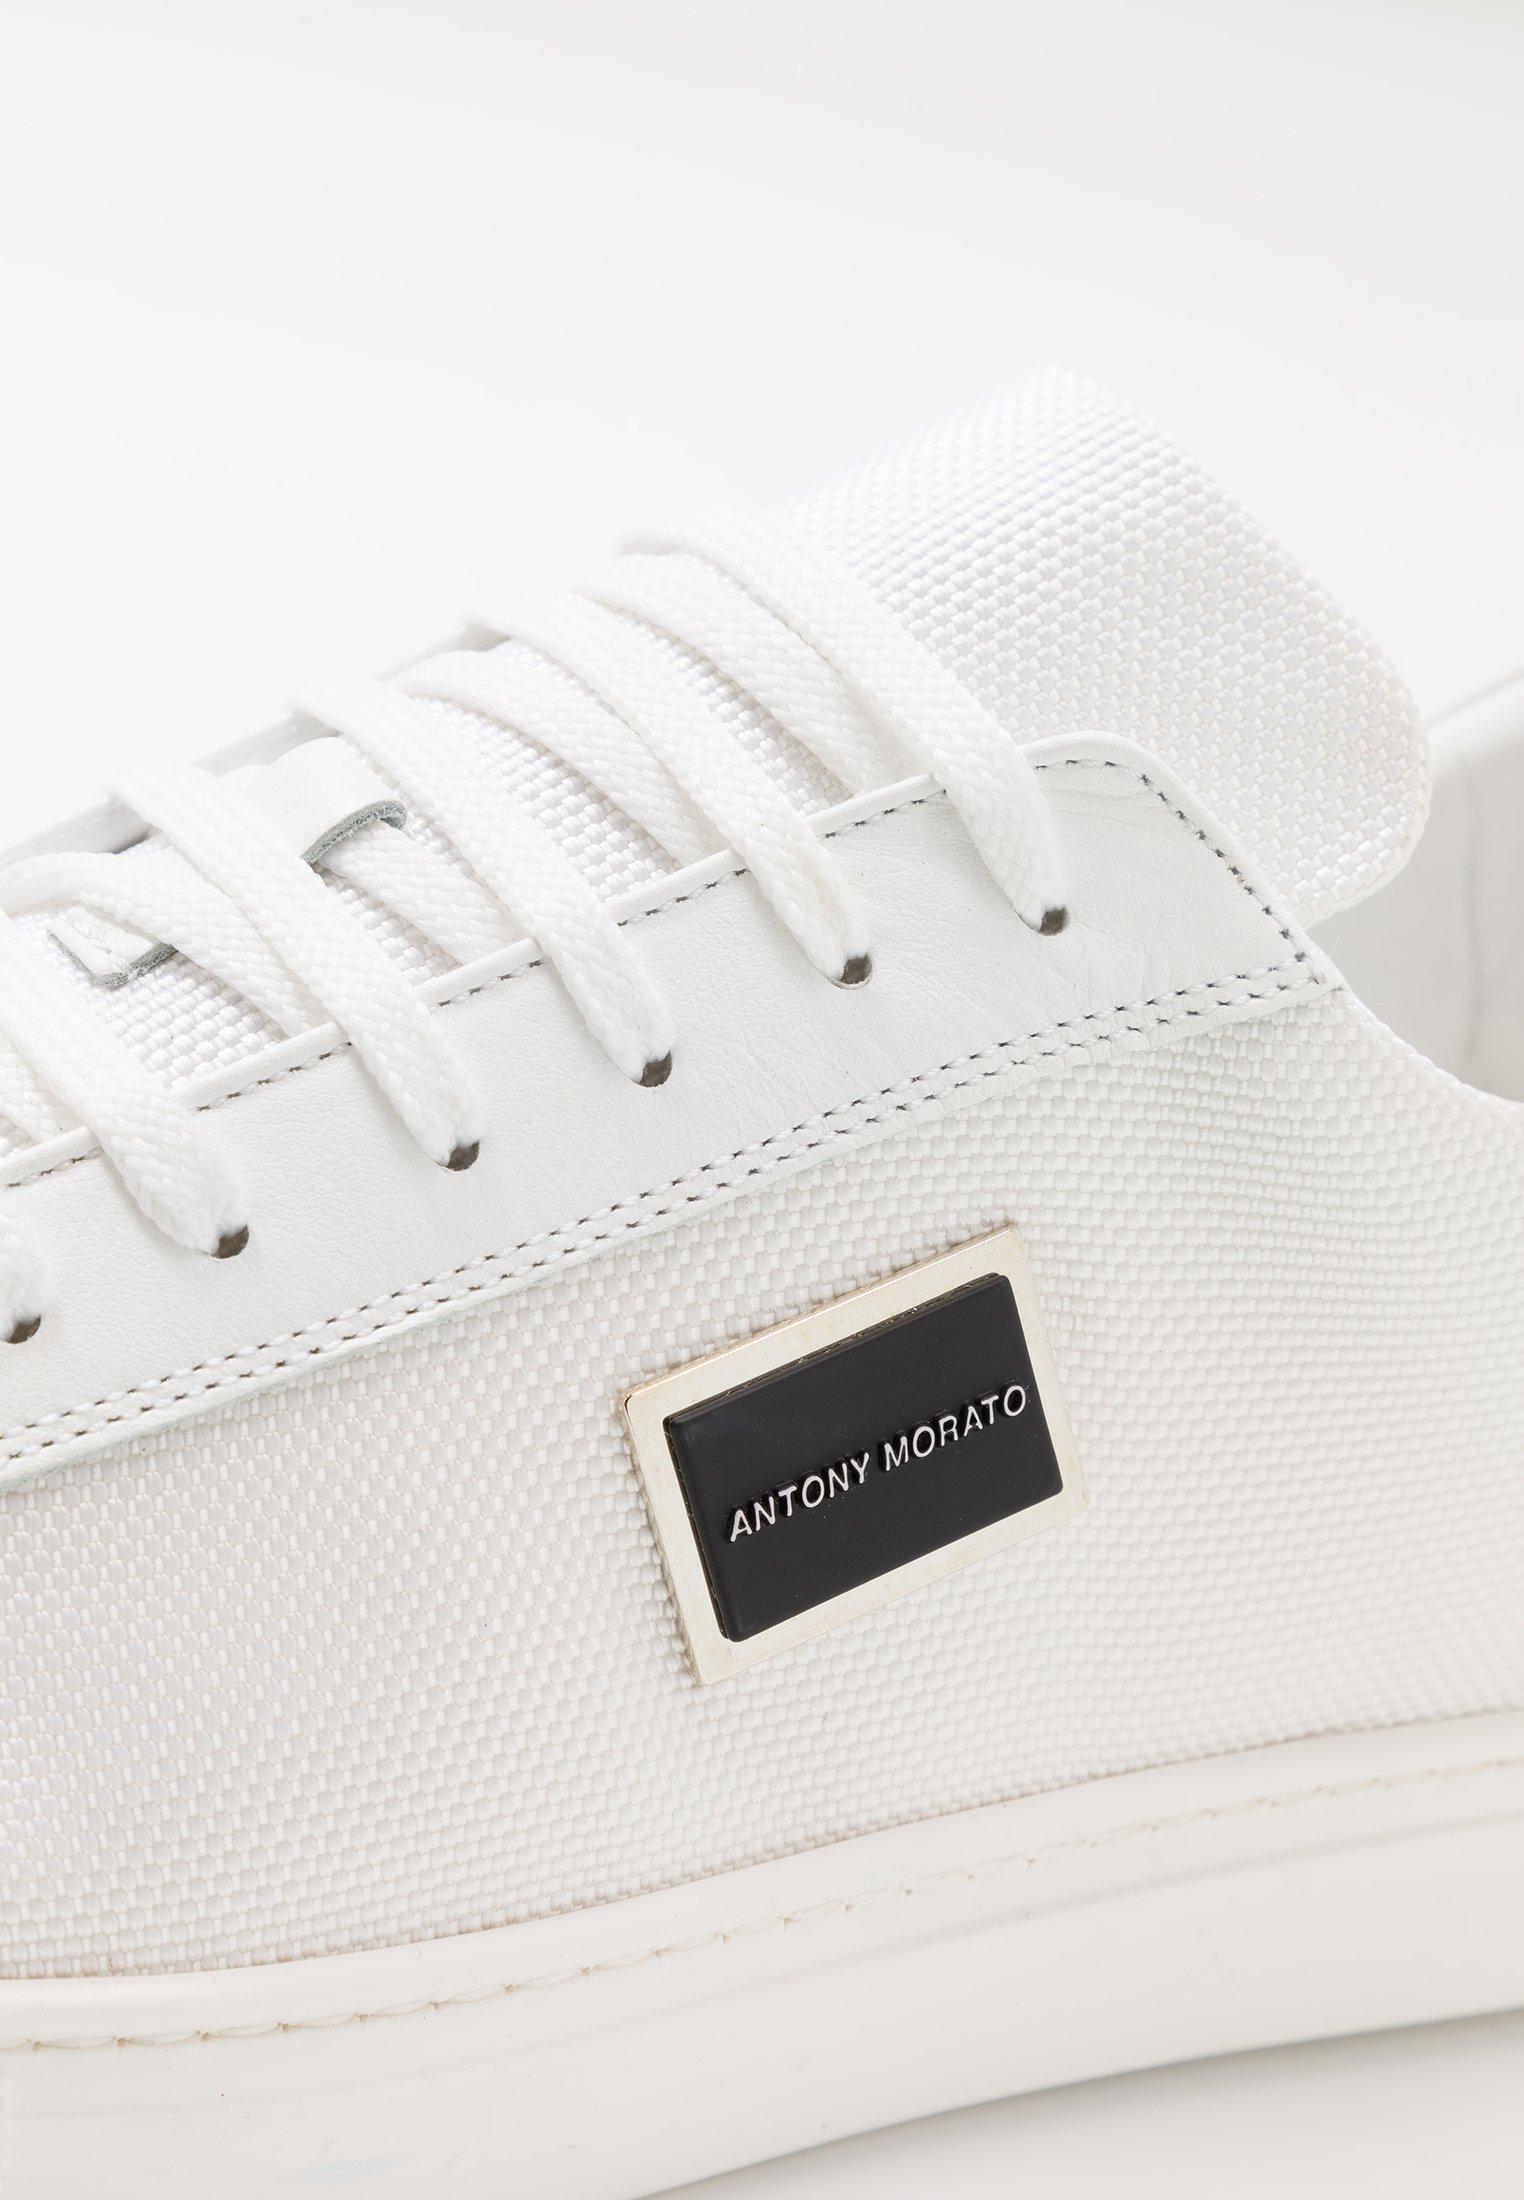 Antony Morato Trainers - White